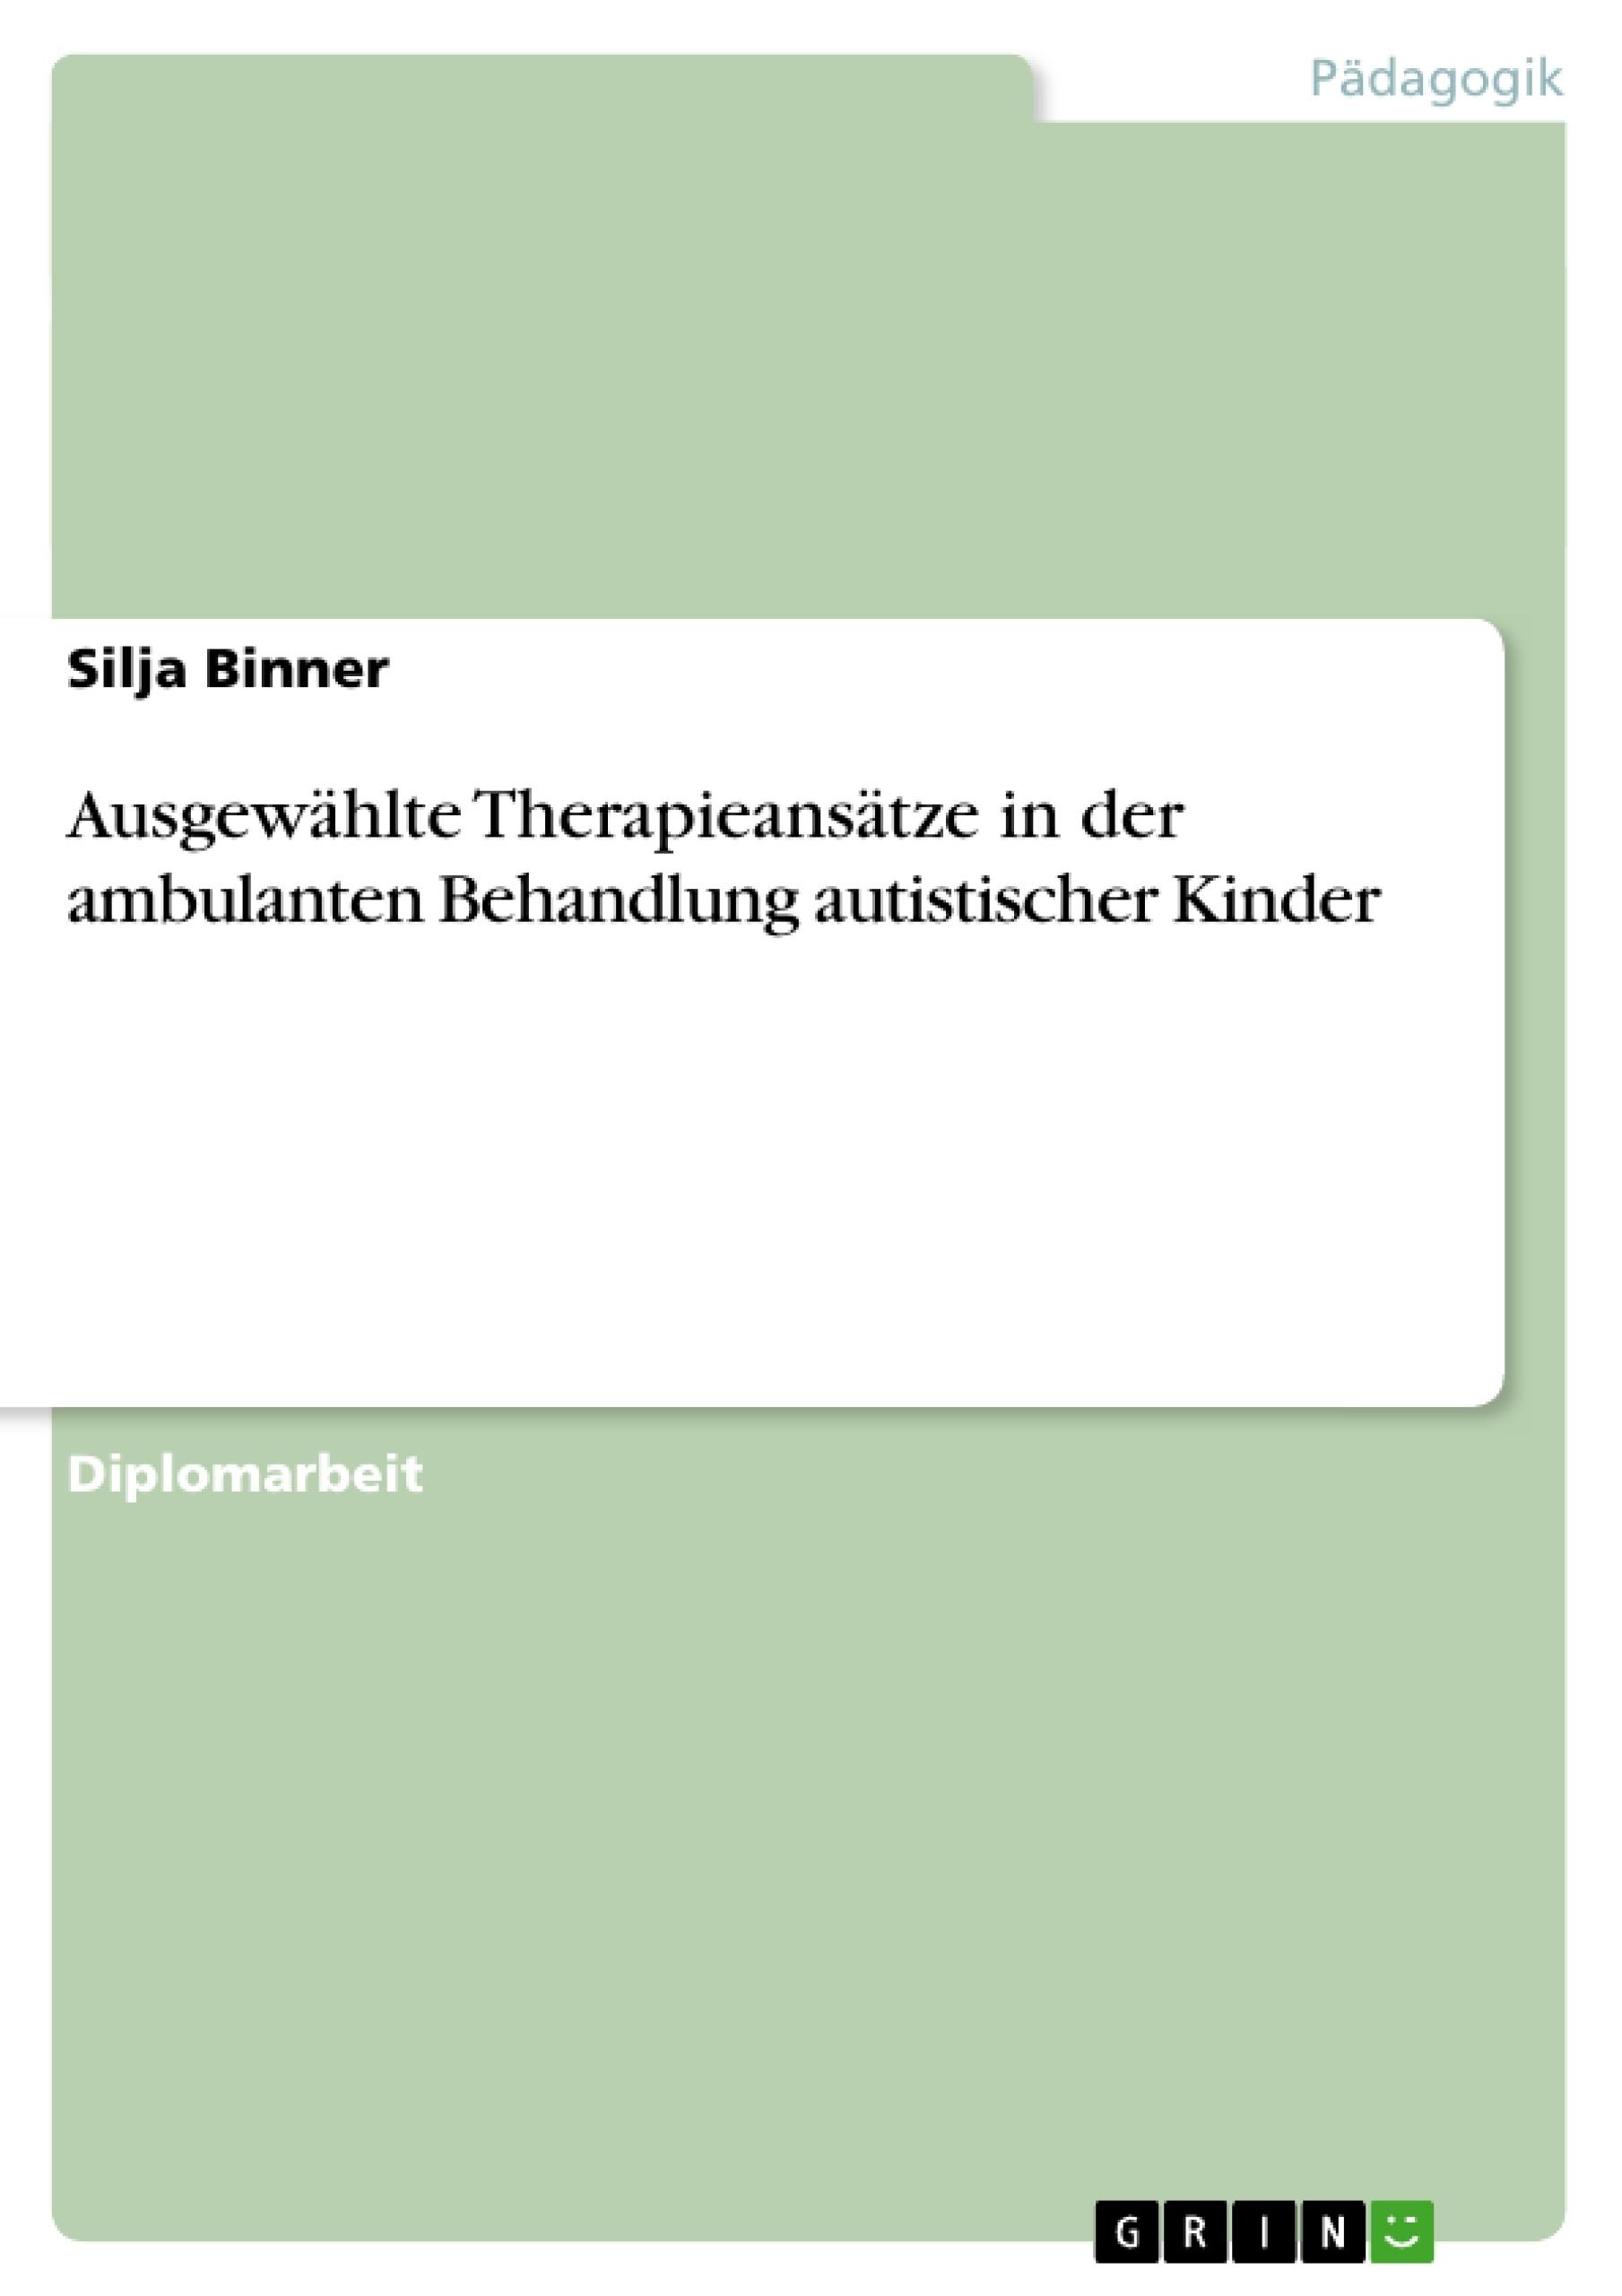 Titel: Ausgewählte Therapieansätze in der ambulanten Behandlung autistischer Kinder